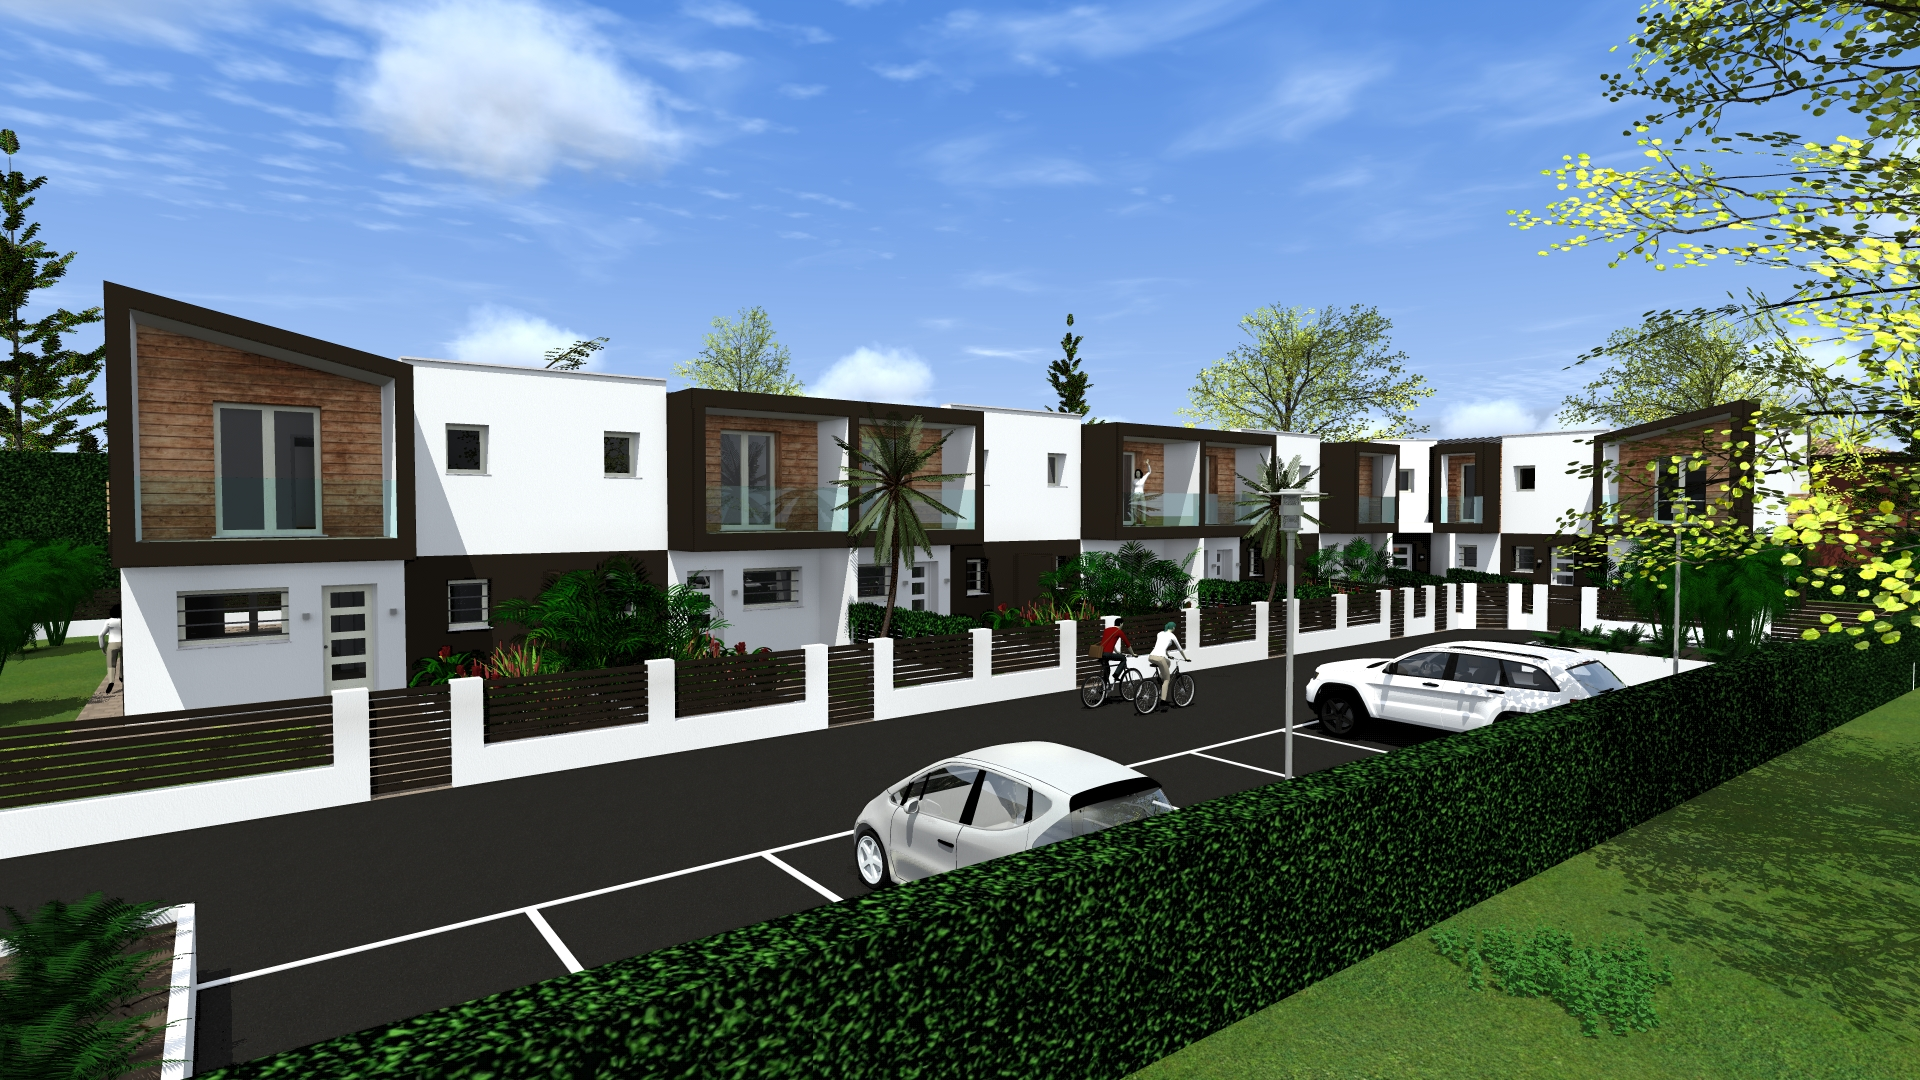 Progetto di case a schiera in stile moderno bettio marta - Casa a schiera progetto ...